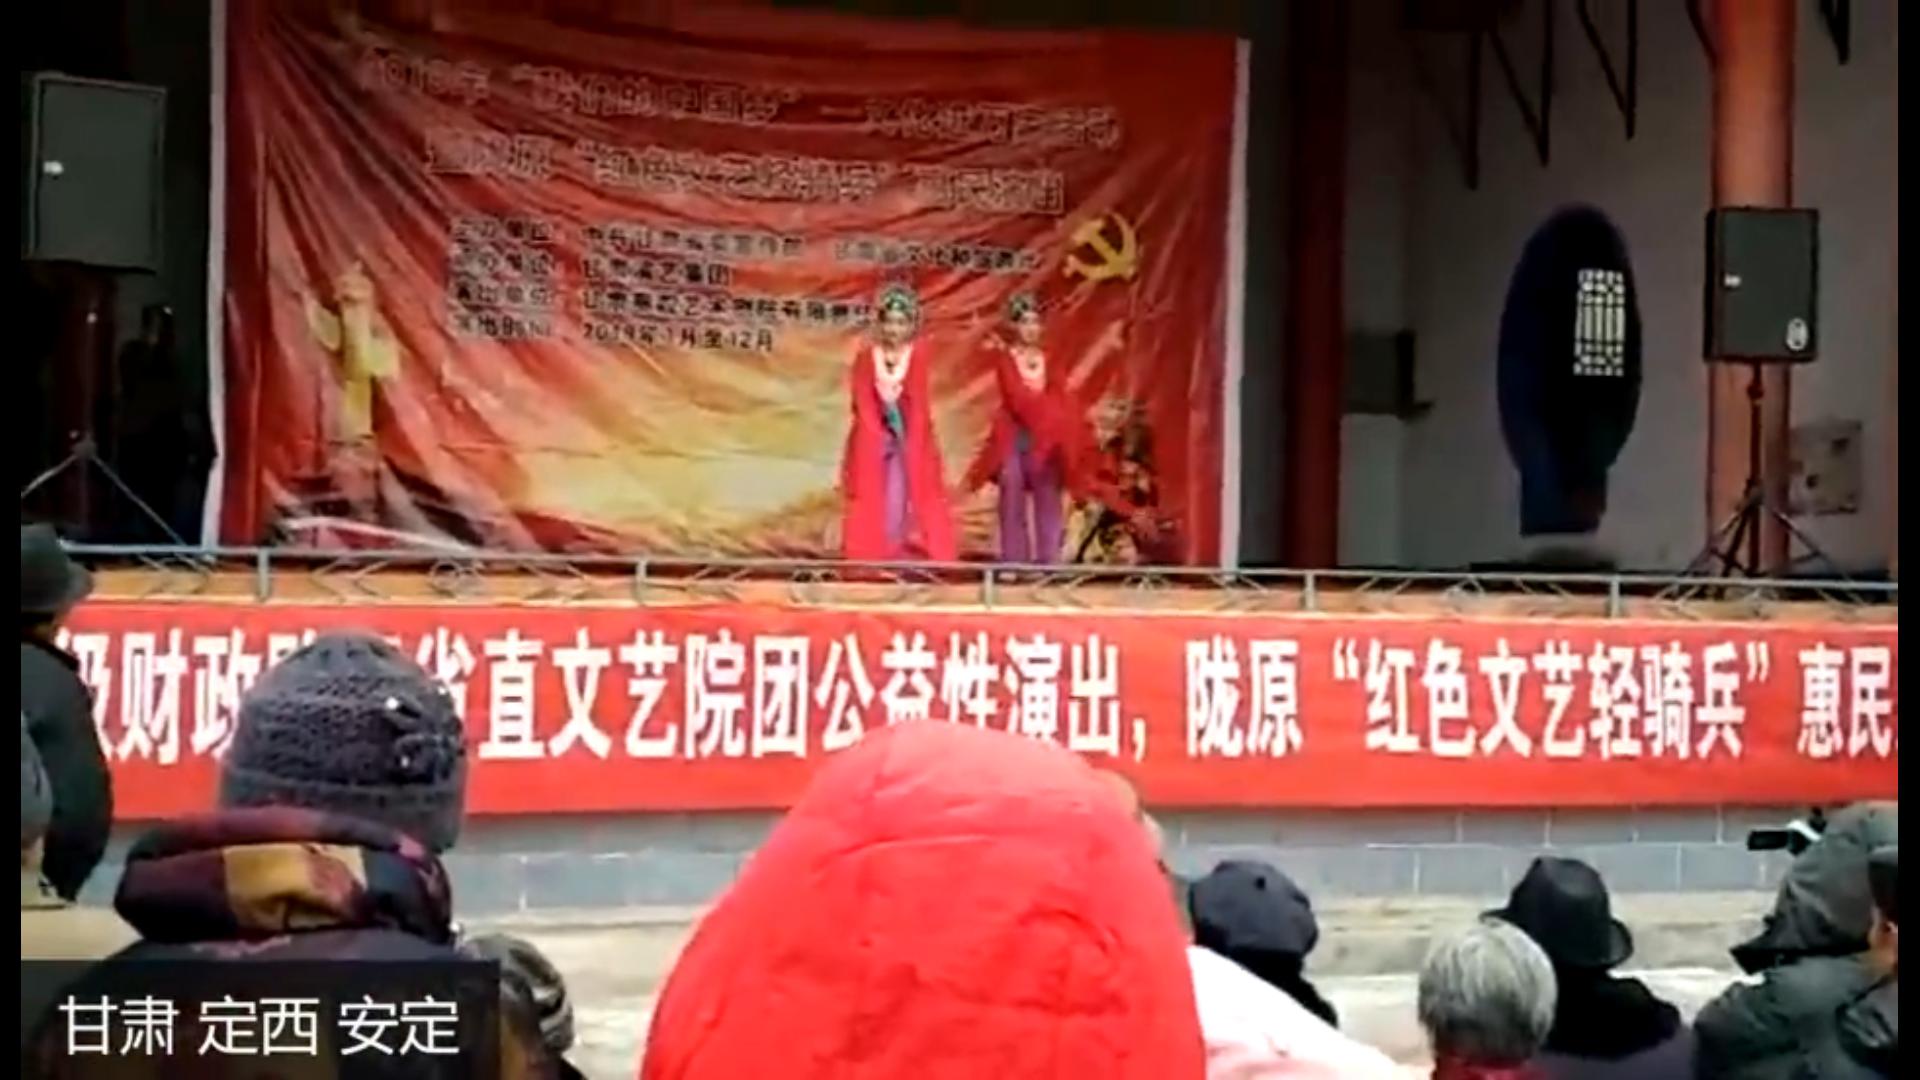 1月3日甘肃省秦腔艺术剧院在甘肃省定西市安定区凤翔镇惠民演出